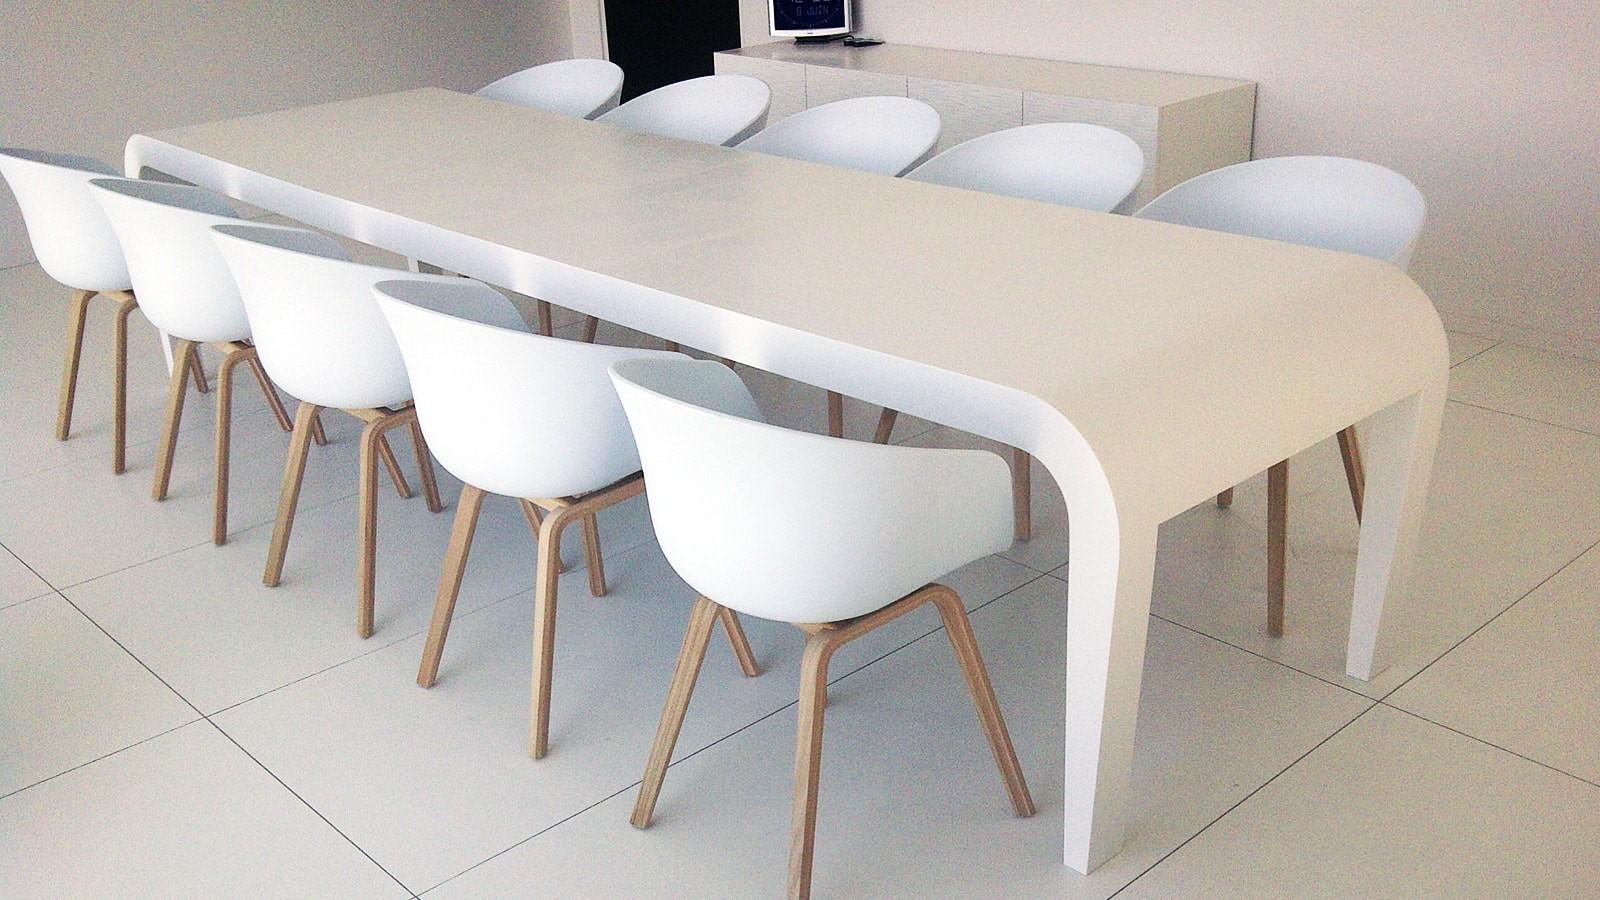 Sogal La Jumeliere Efi Design (2)